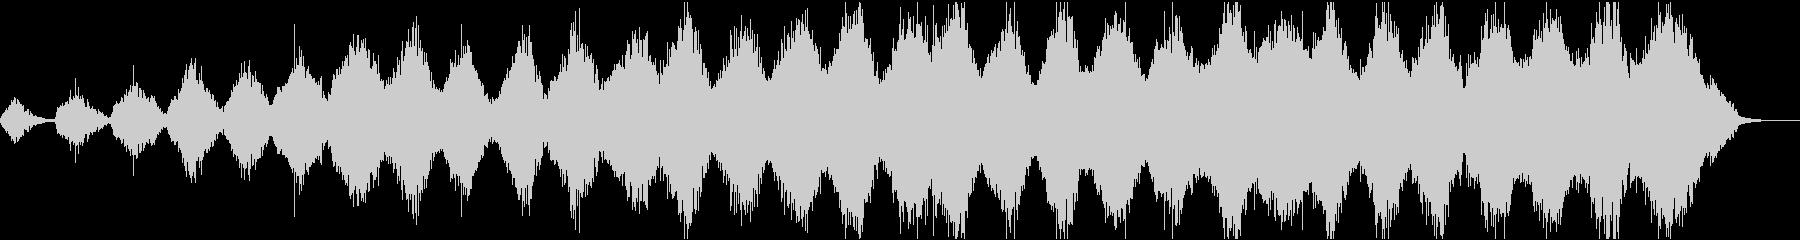 アンビエントミュージック 感情的 ...の未再生の波形